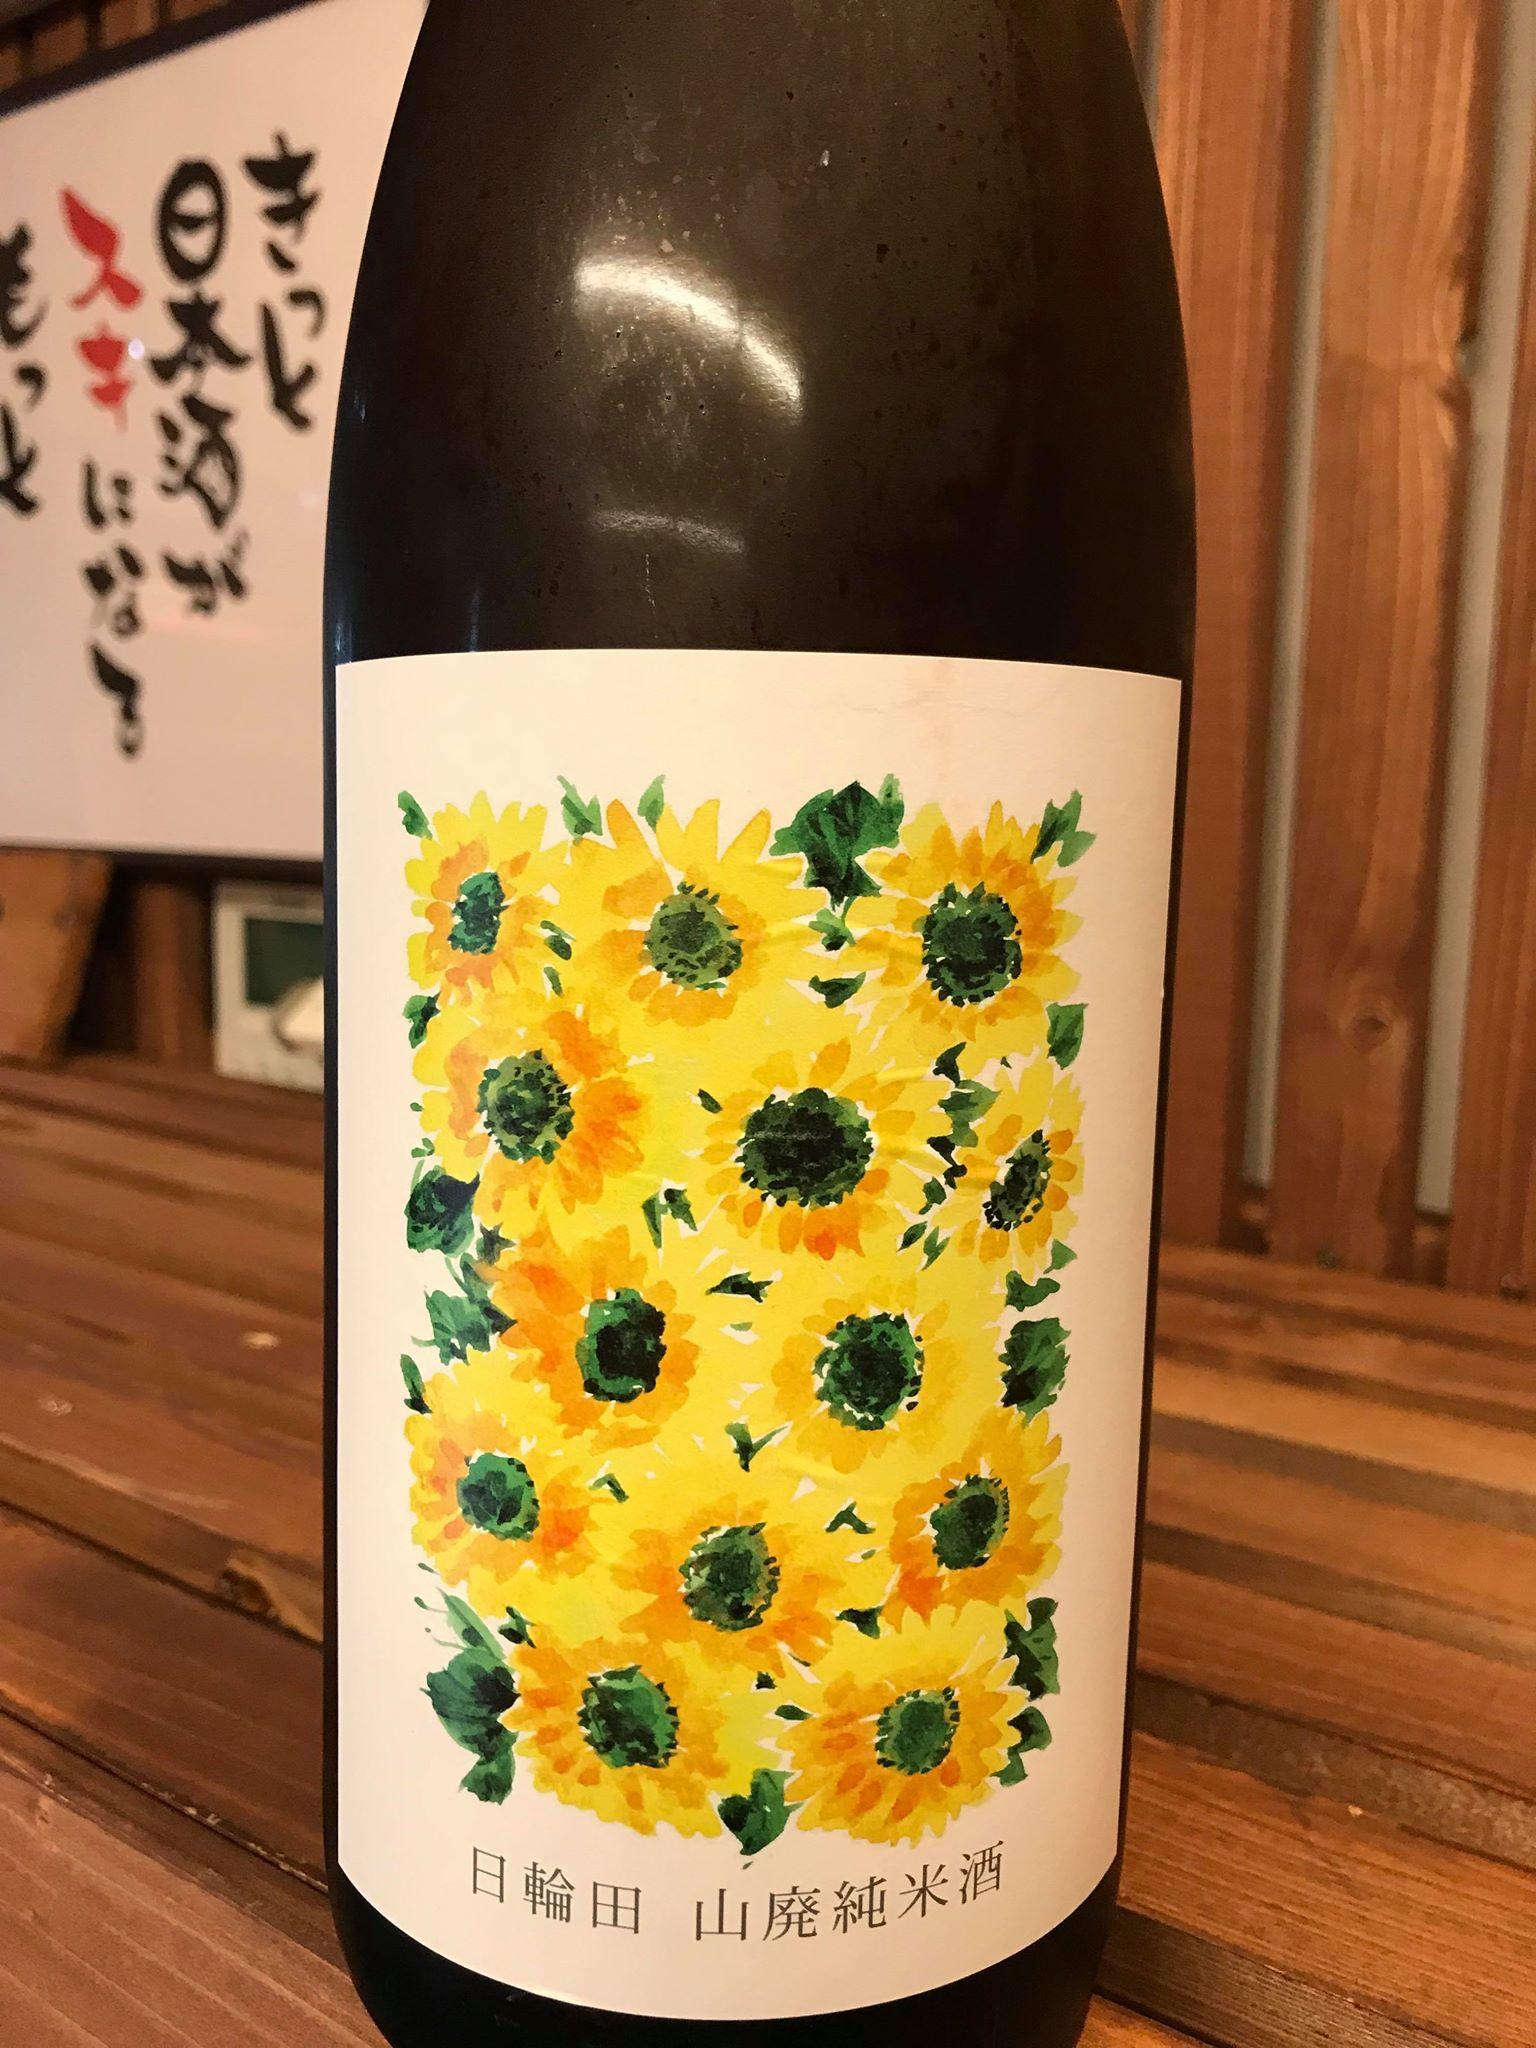 【日本酒】日輪田 山廃純米酒 夏のひまわりラベル 限定 29BY_e0173738_21434793.jpg